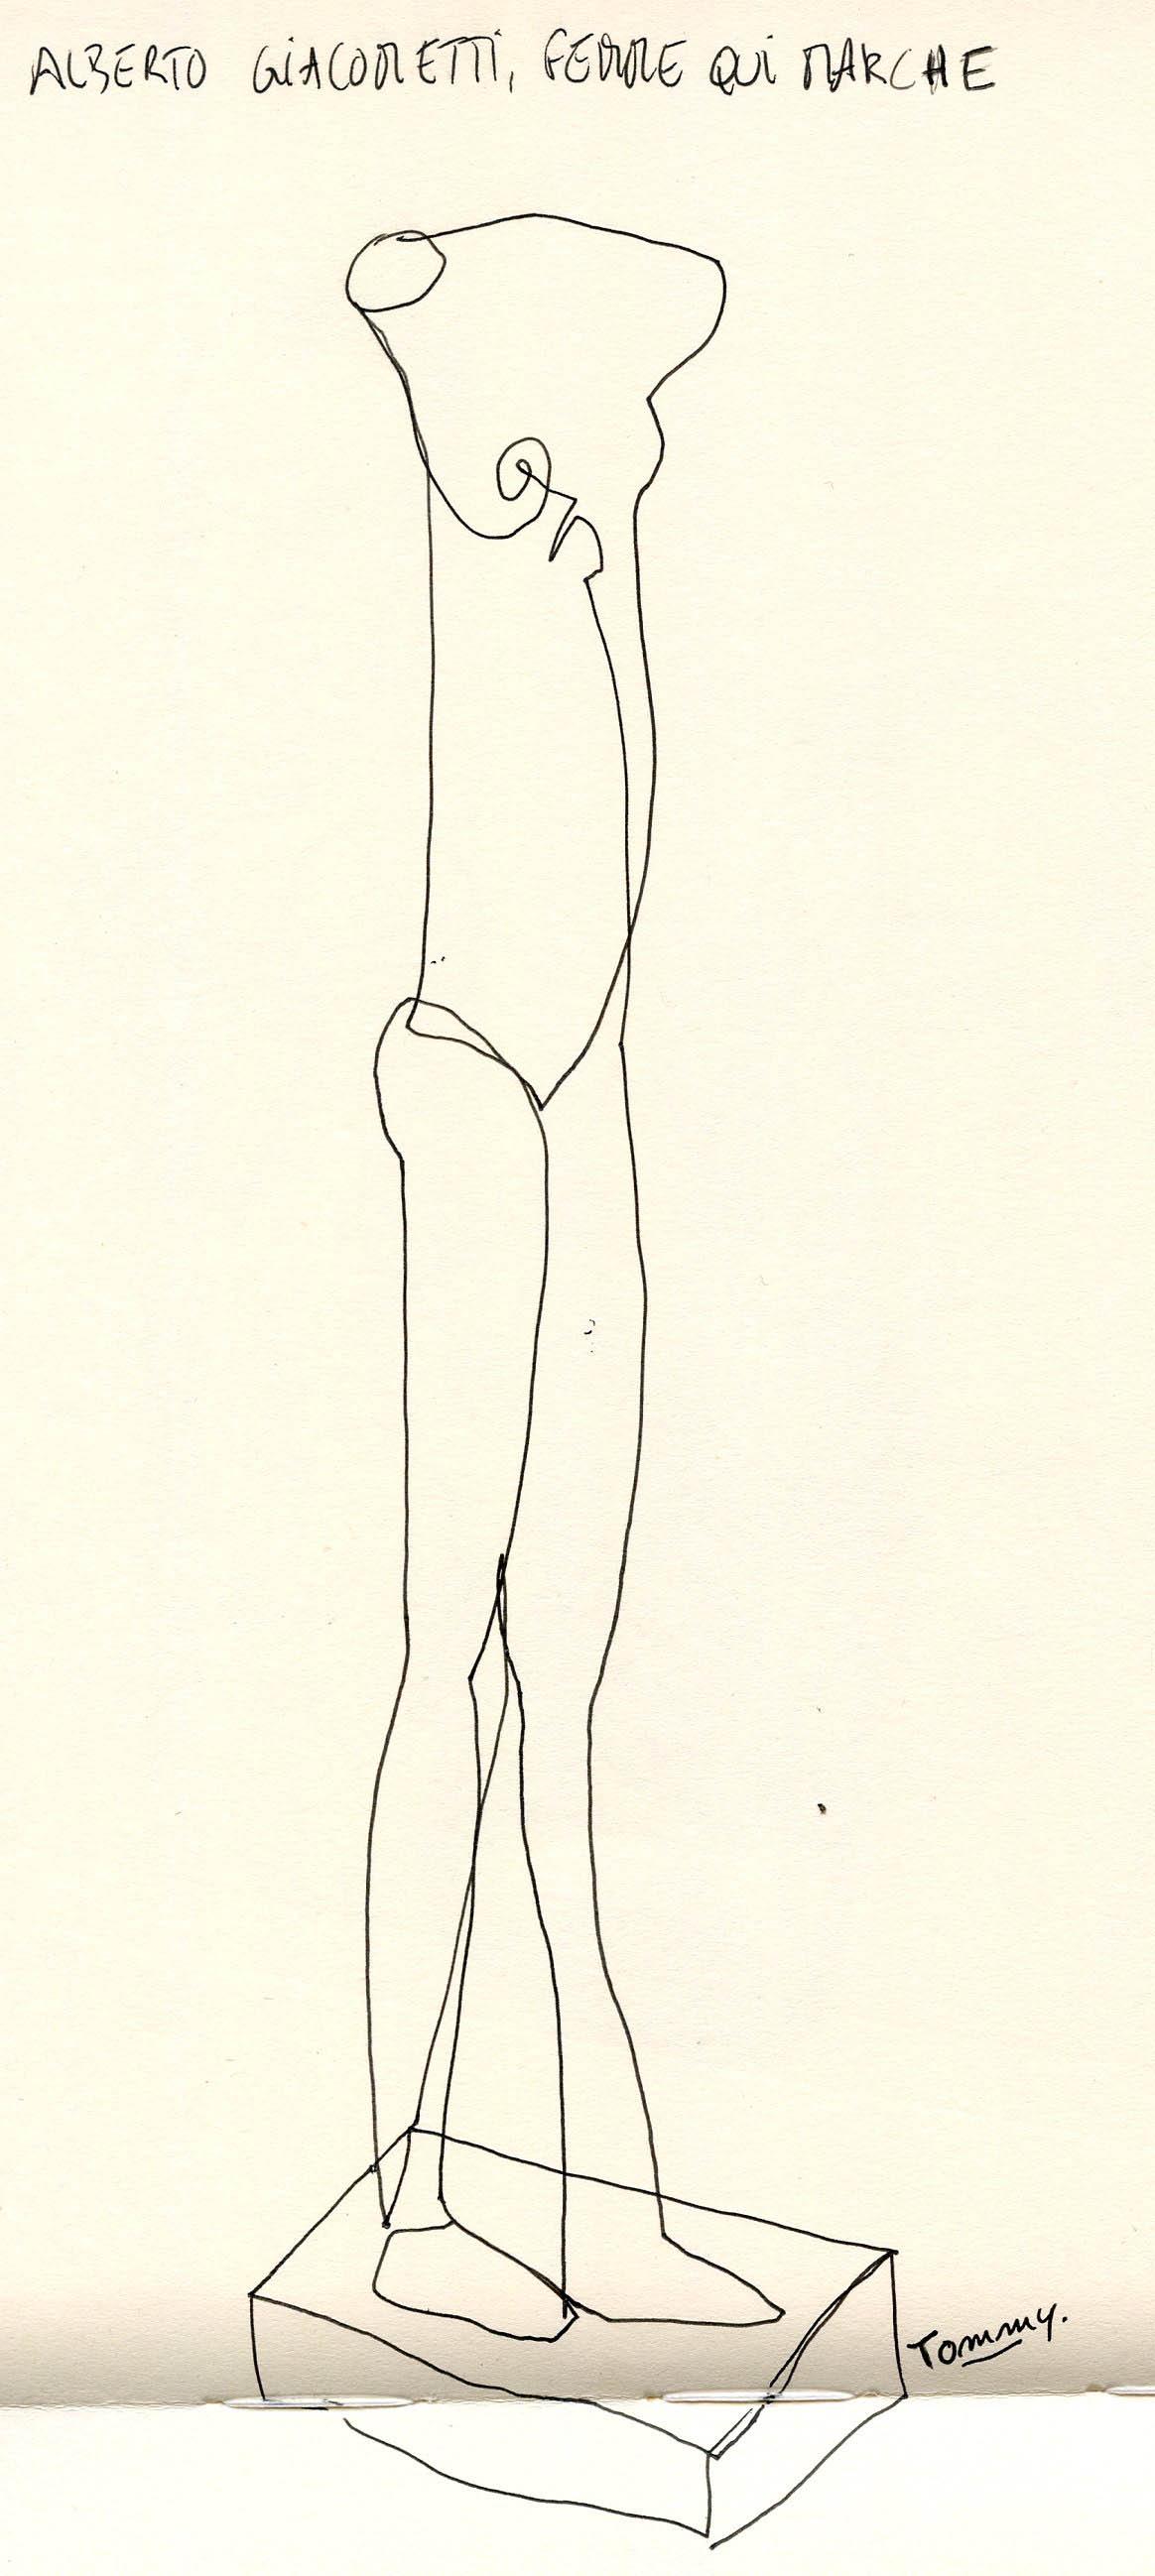 Femme qui marche - Giacometti